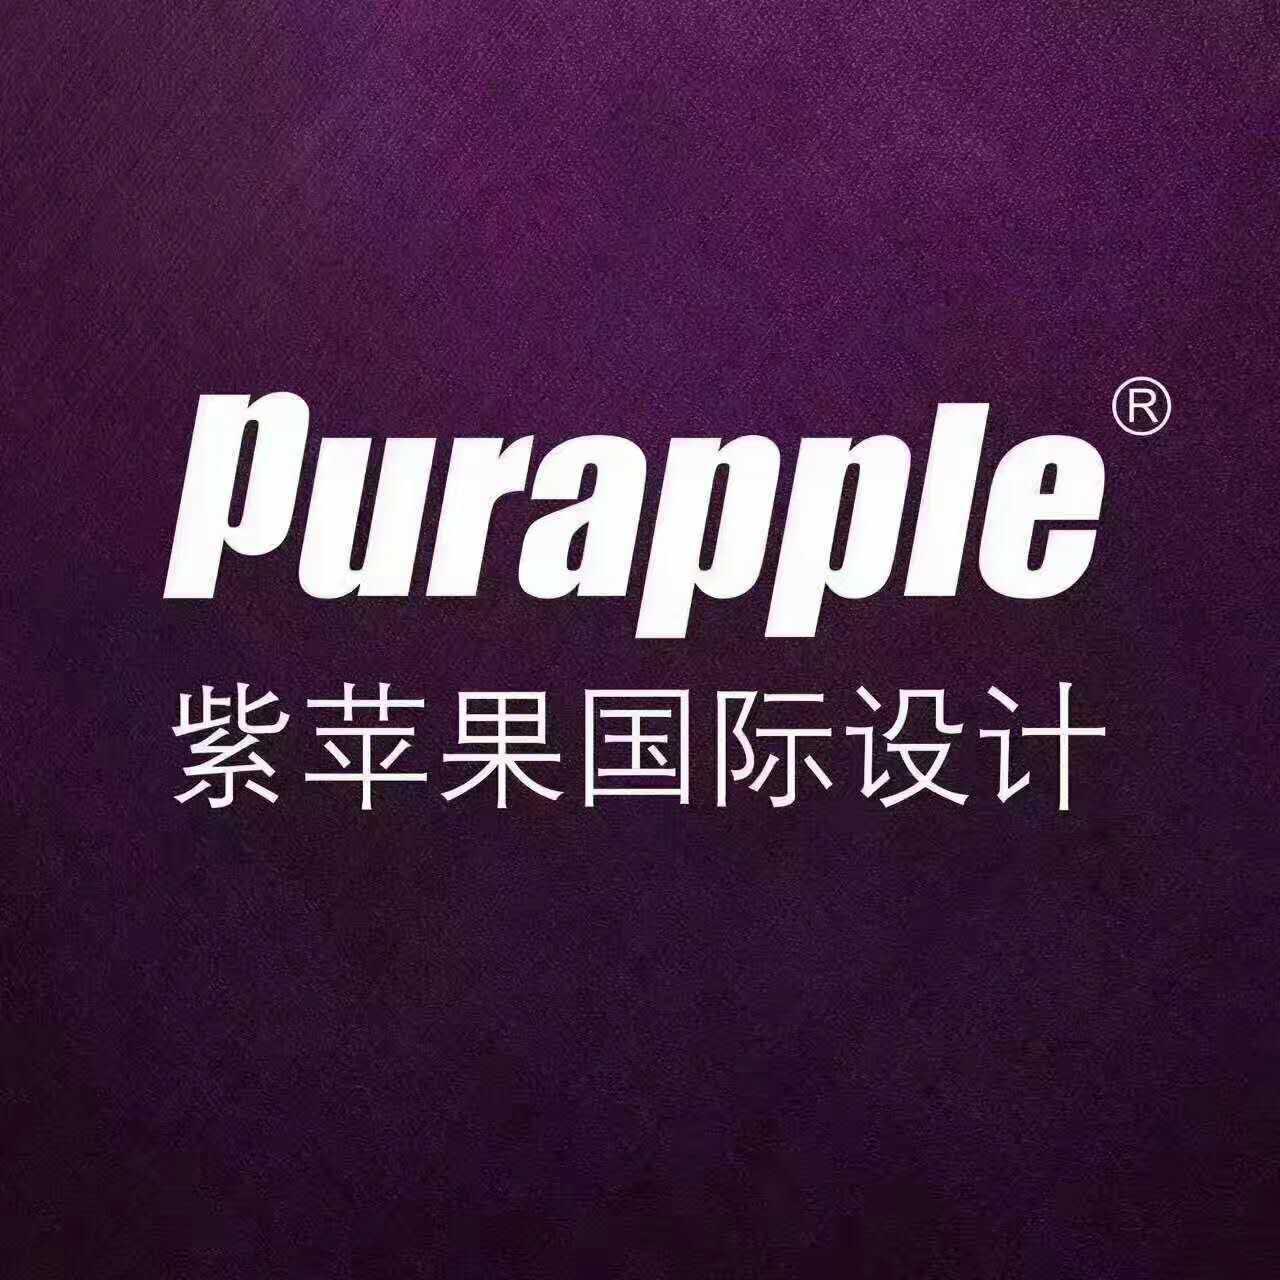 上海紫苹果装饰工程有限公司南宁分公司